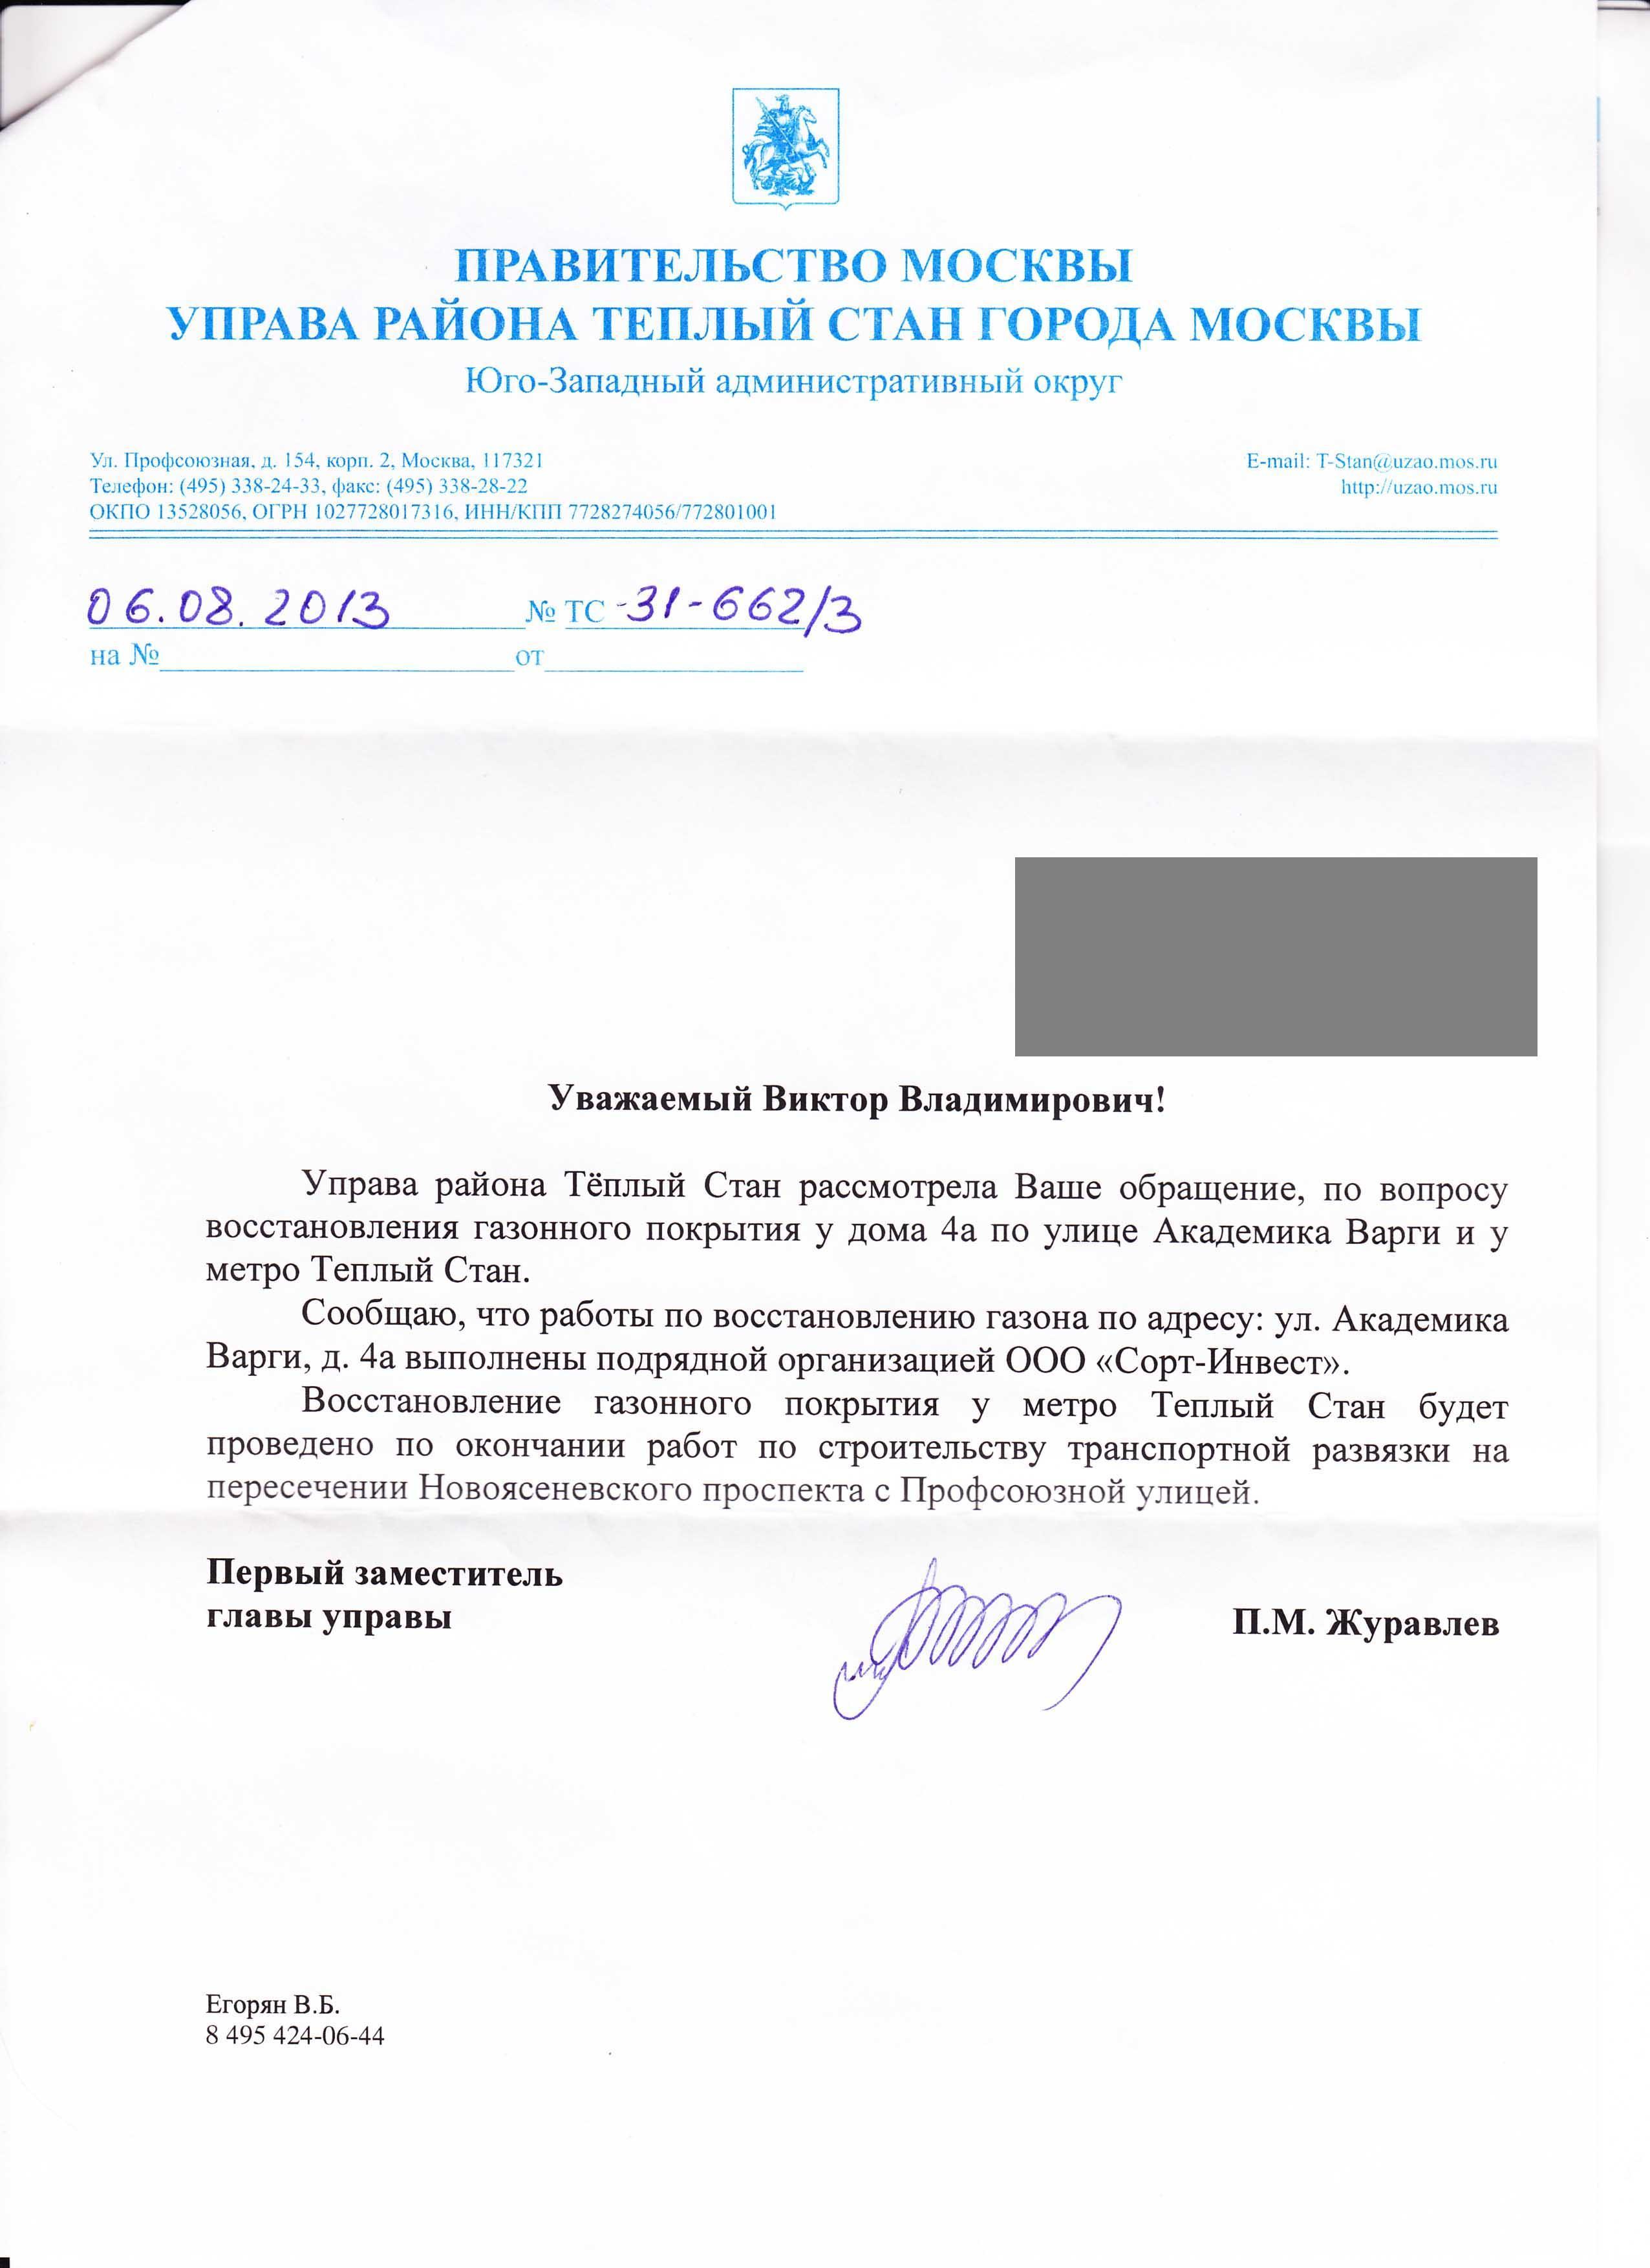 Ответ Управы по поводу восстановления газонов (август 2013) - для ЖЖ